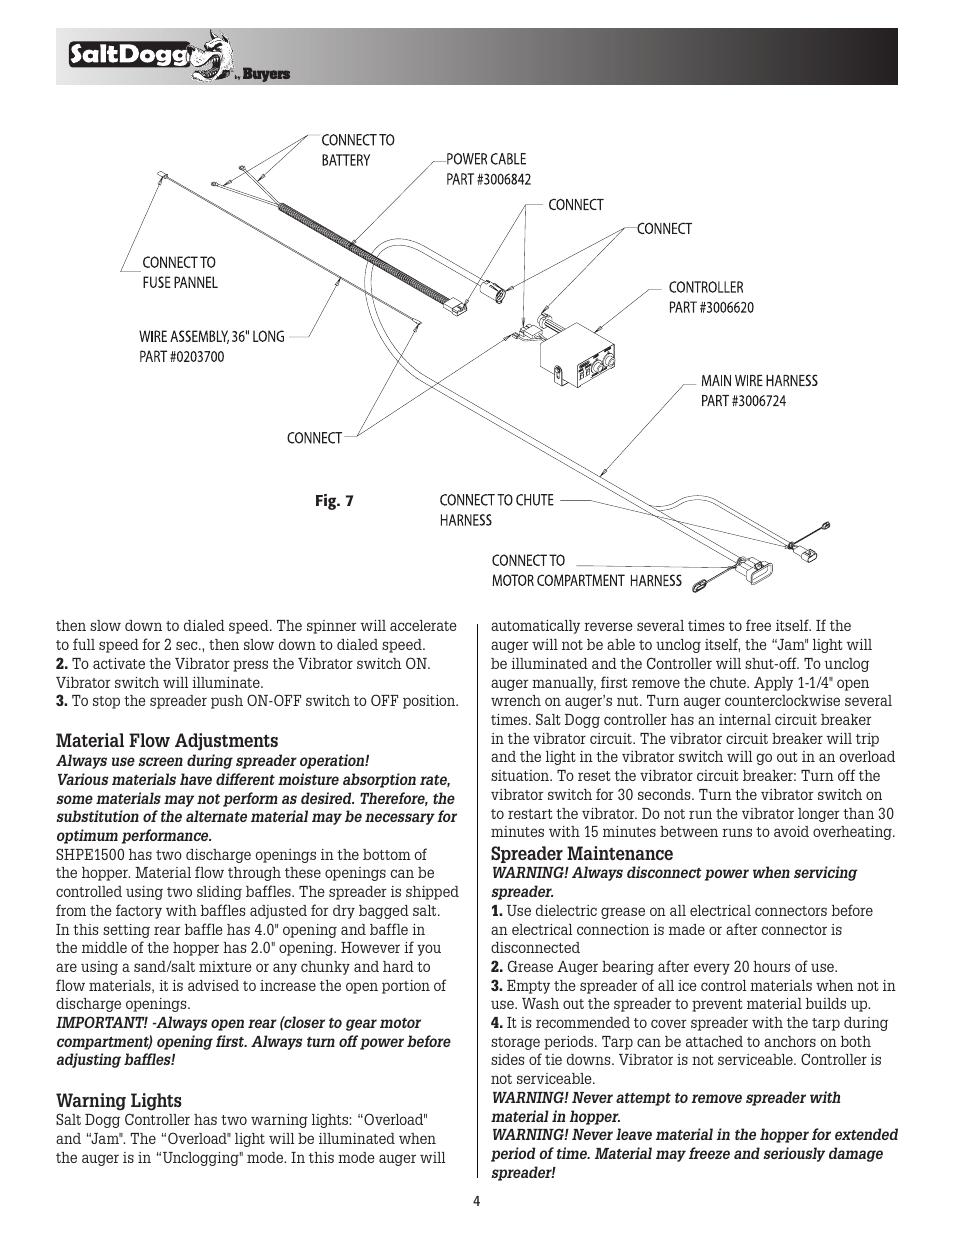 medium resolution of salt dogg controller wiring diagram wiring diagram origin rh 15 2 darklifezine de salt spreader controller